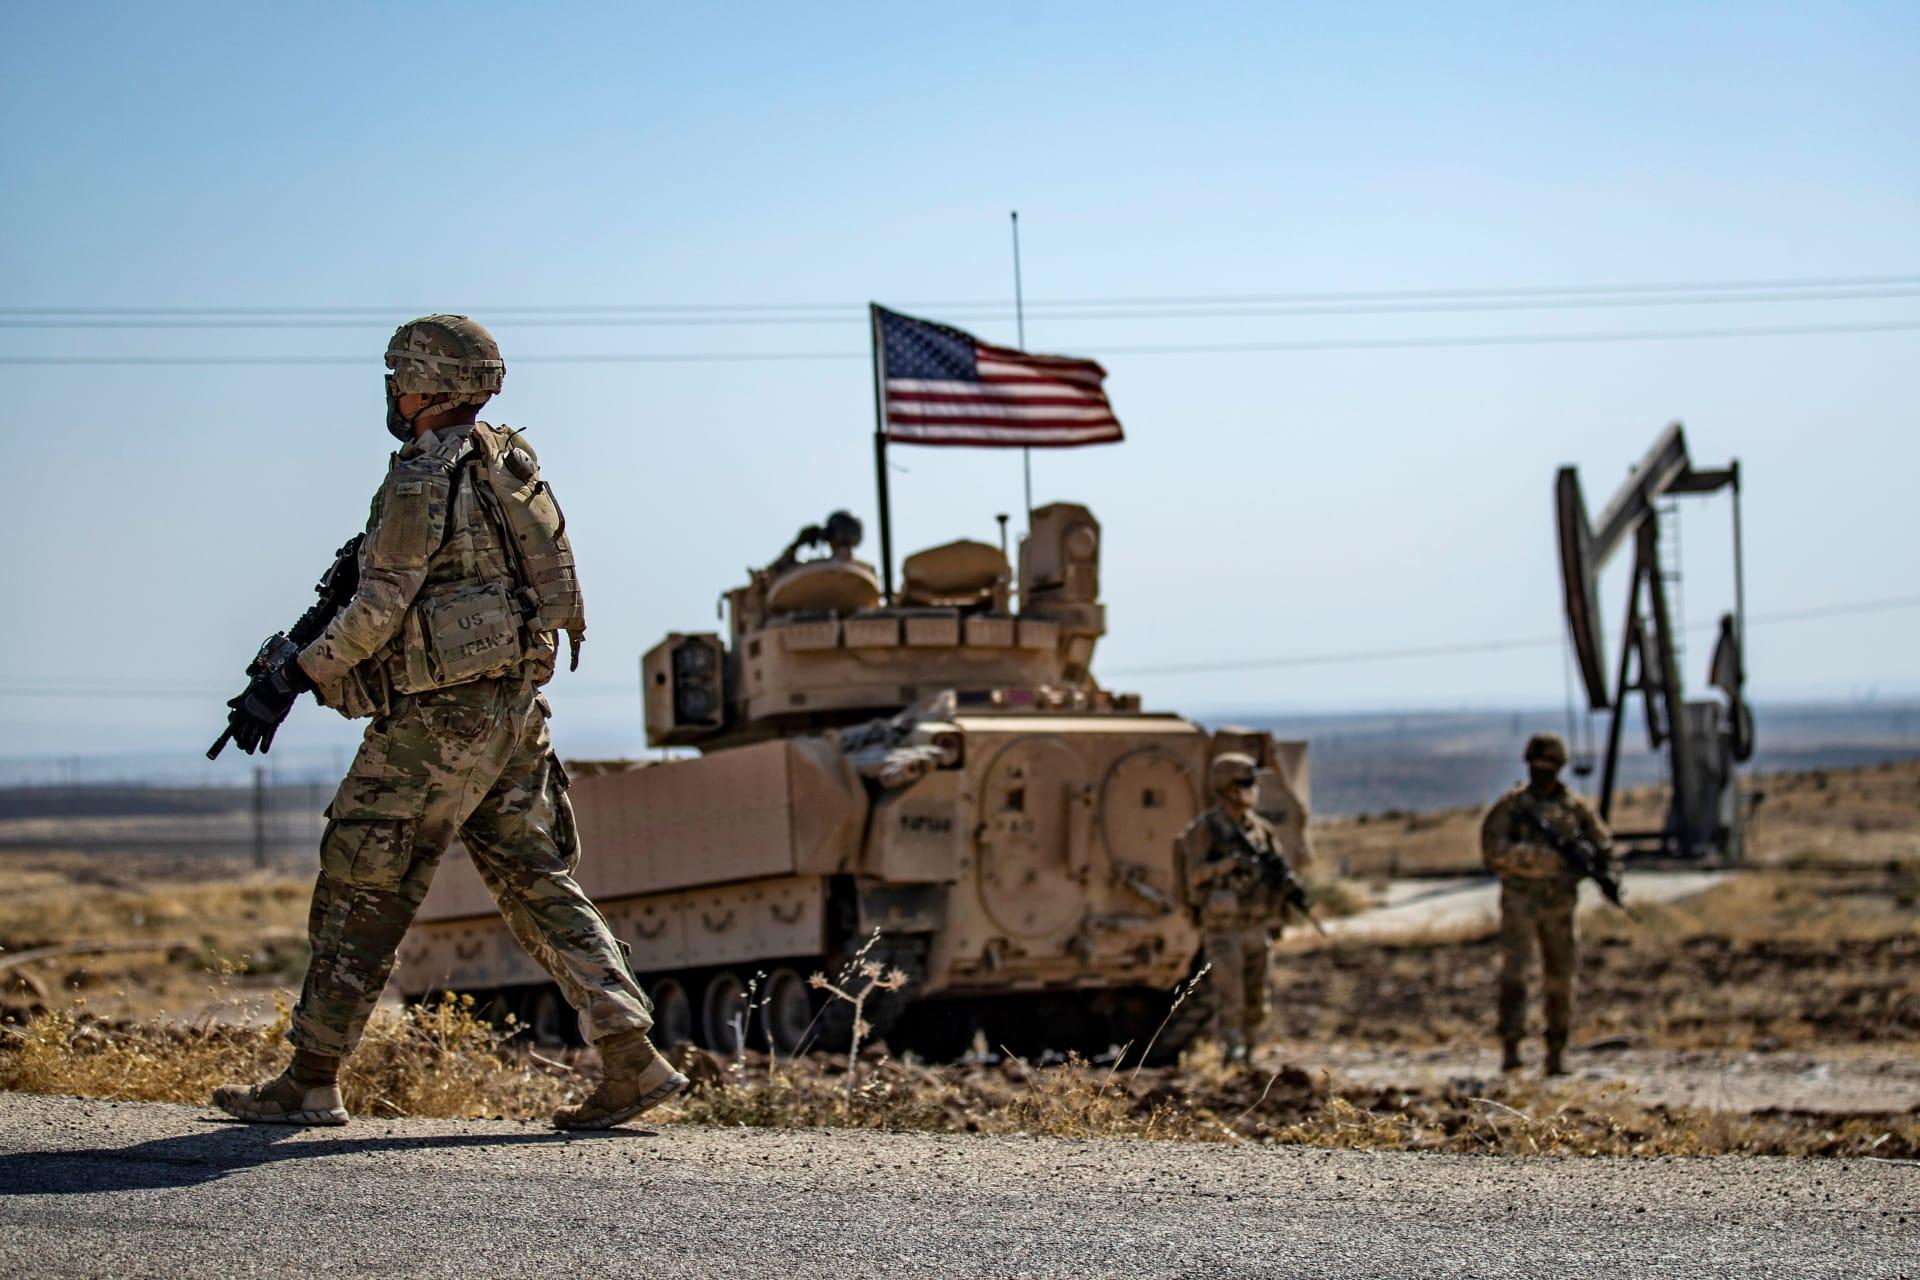 التحالف الدولي ينفي مقتل 4 جنود أمريكيين في انفجار شمال شرق سوريا